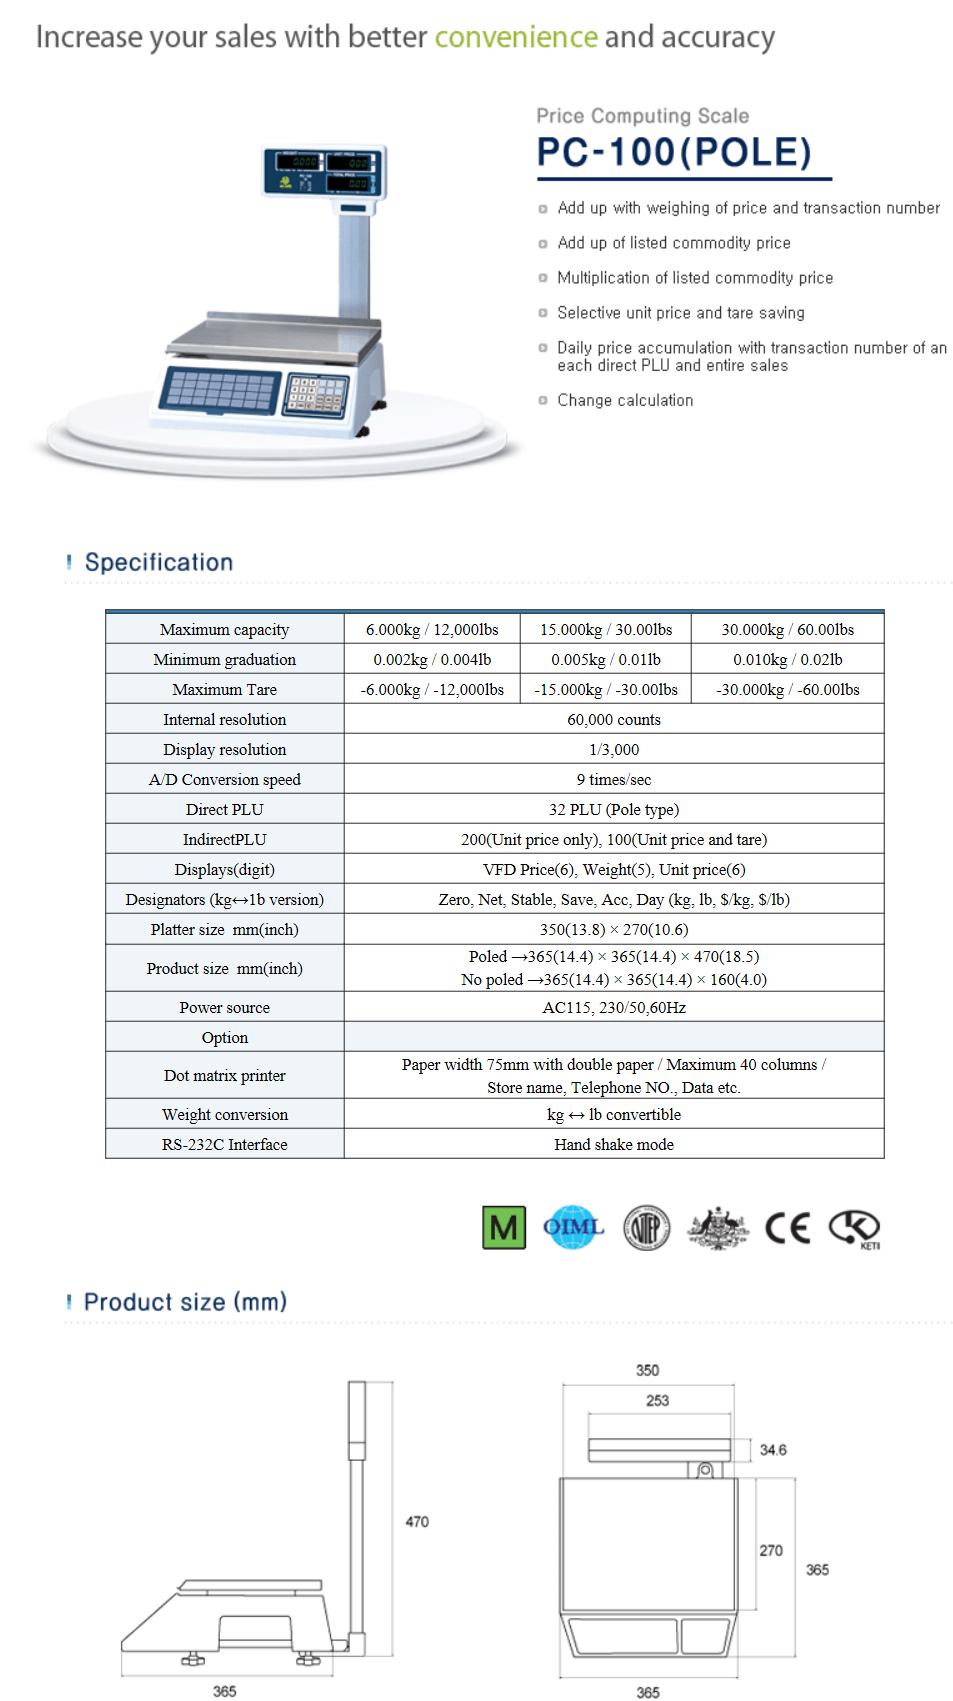 (주)에이컴 Price Computing Scale PC-100 (POLE) 1